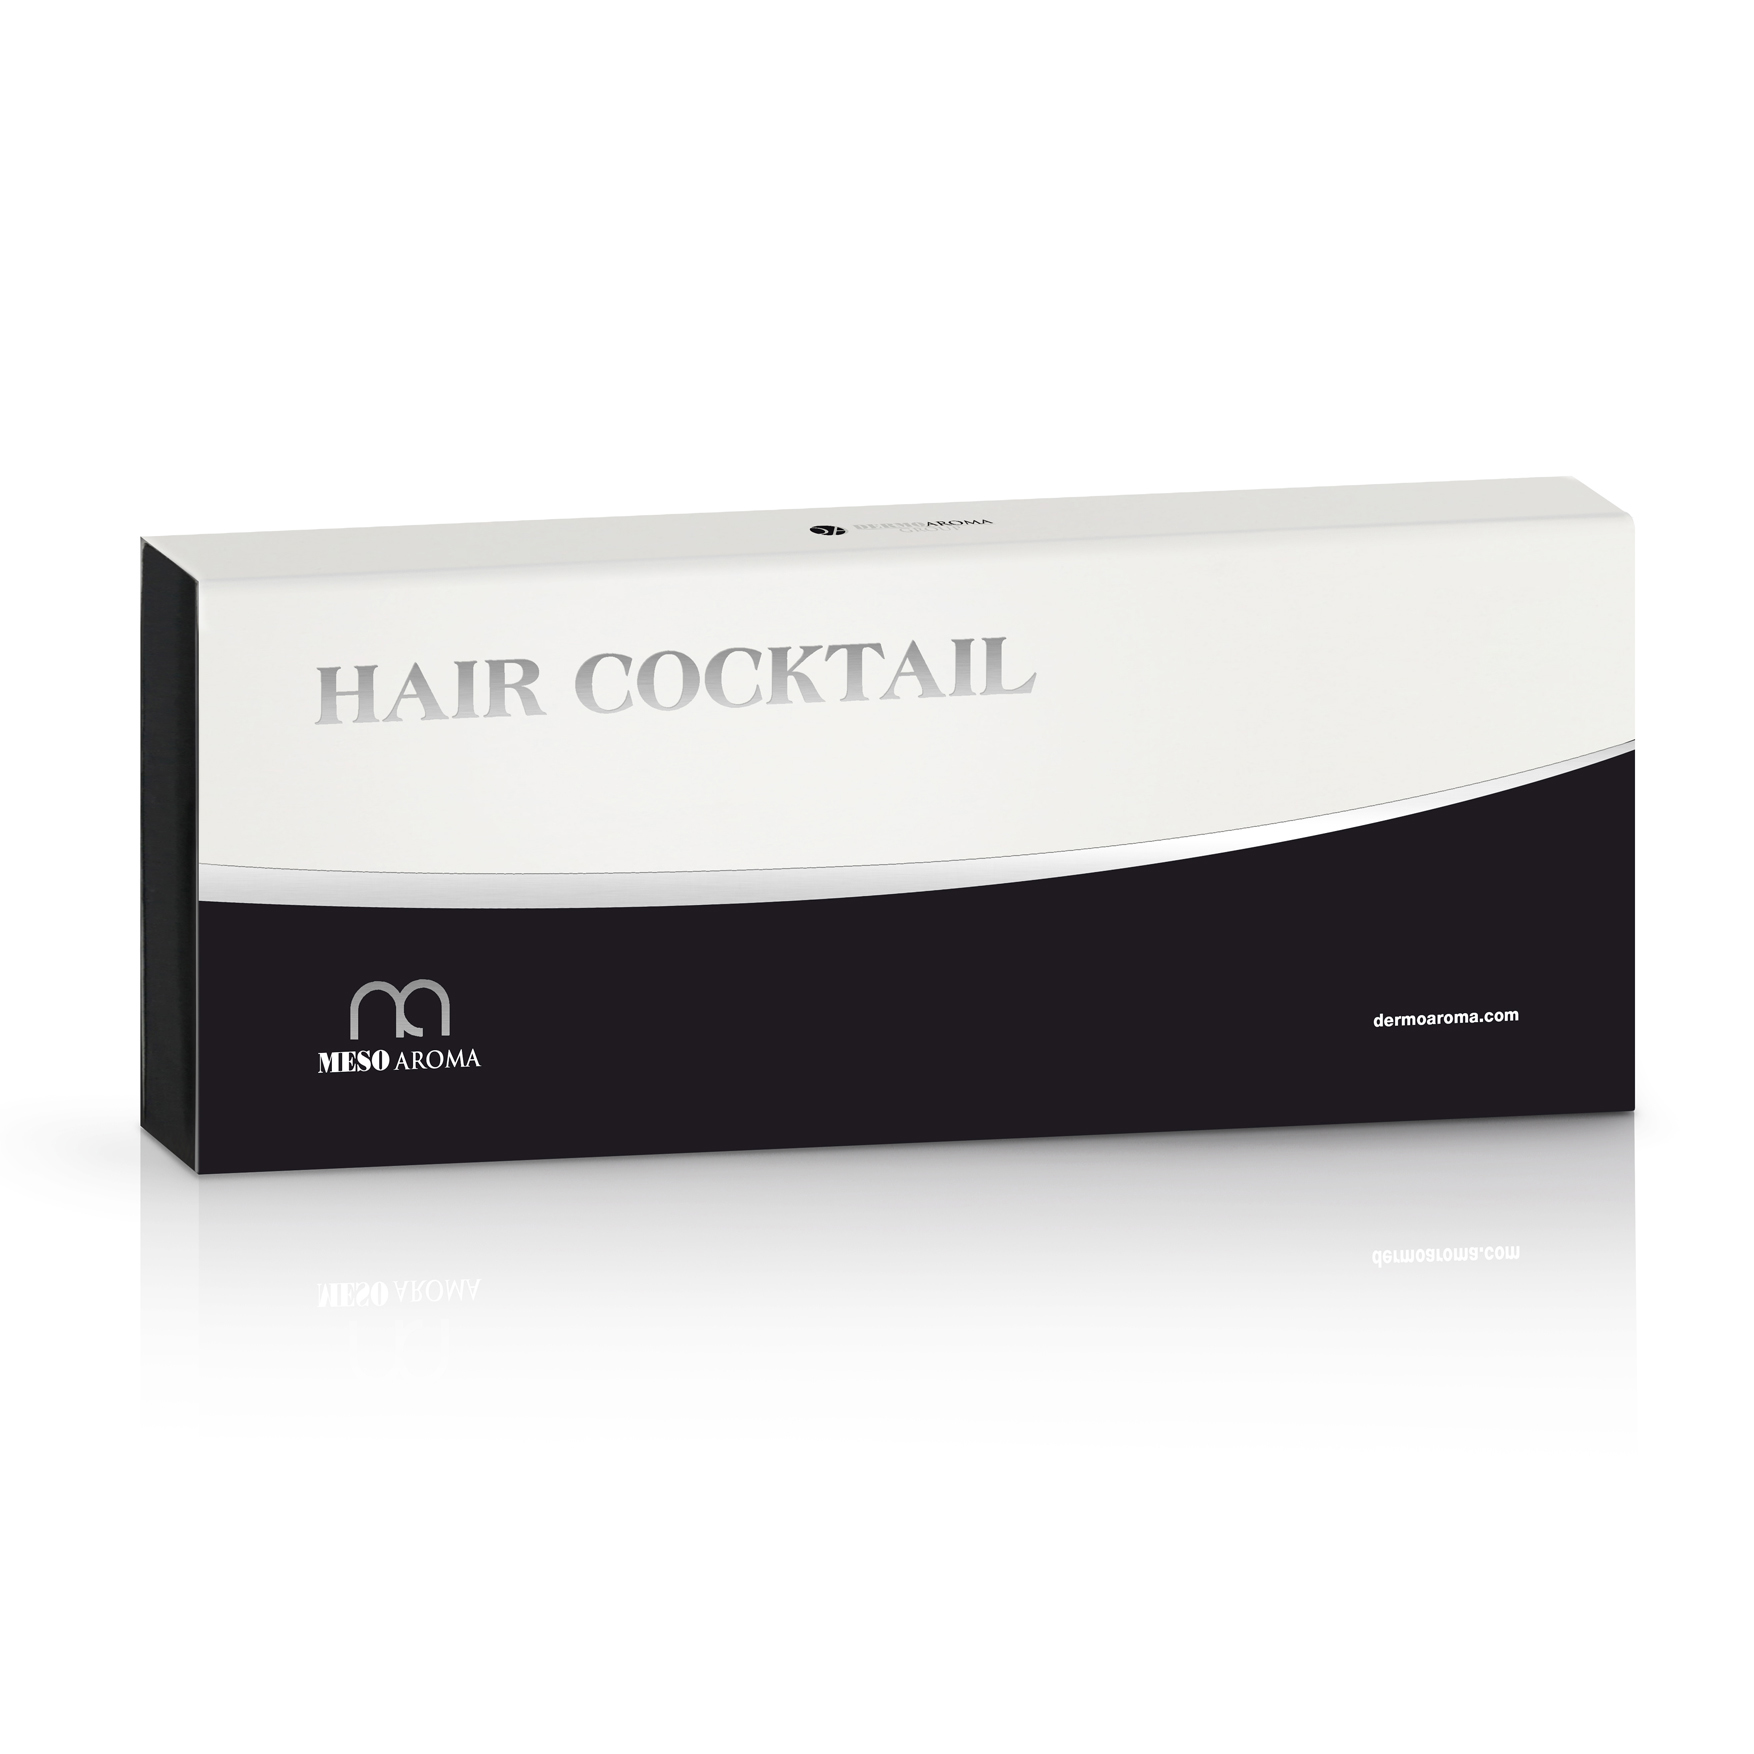 Mesoaroma-ampułki-do-mezoterapii-HAIR-COCKTAIL